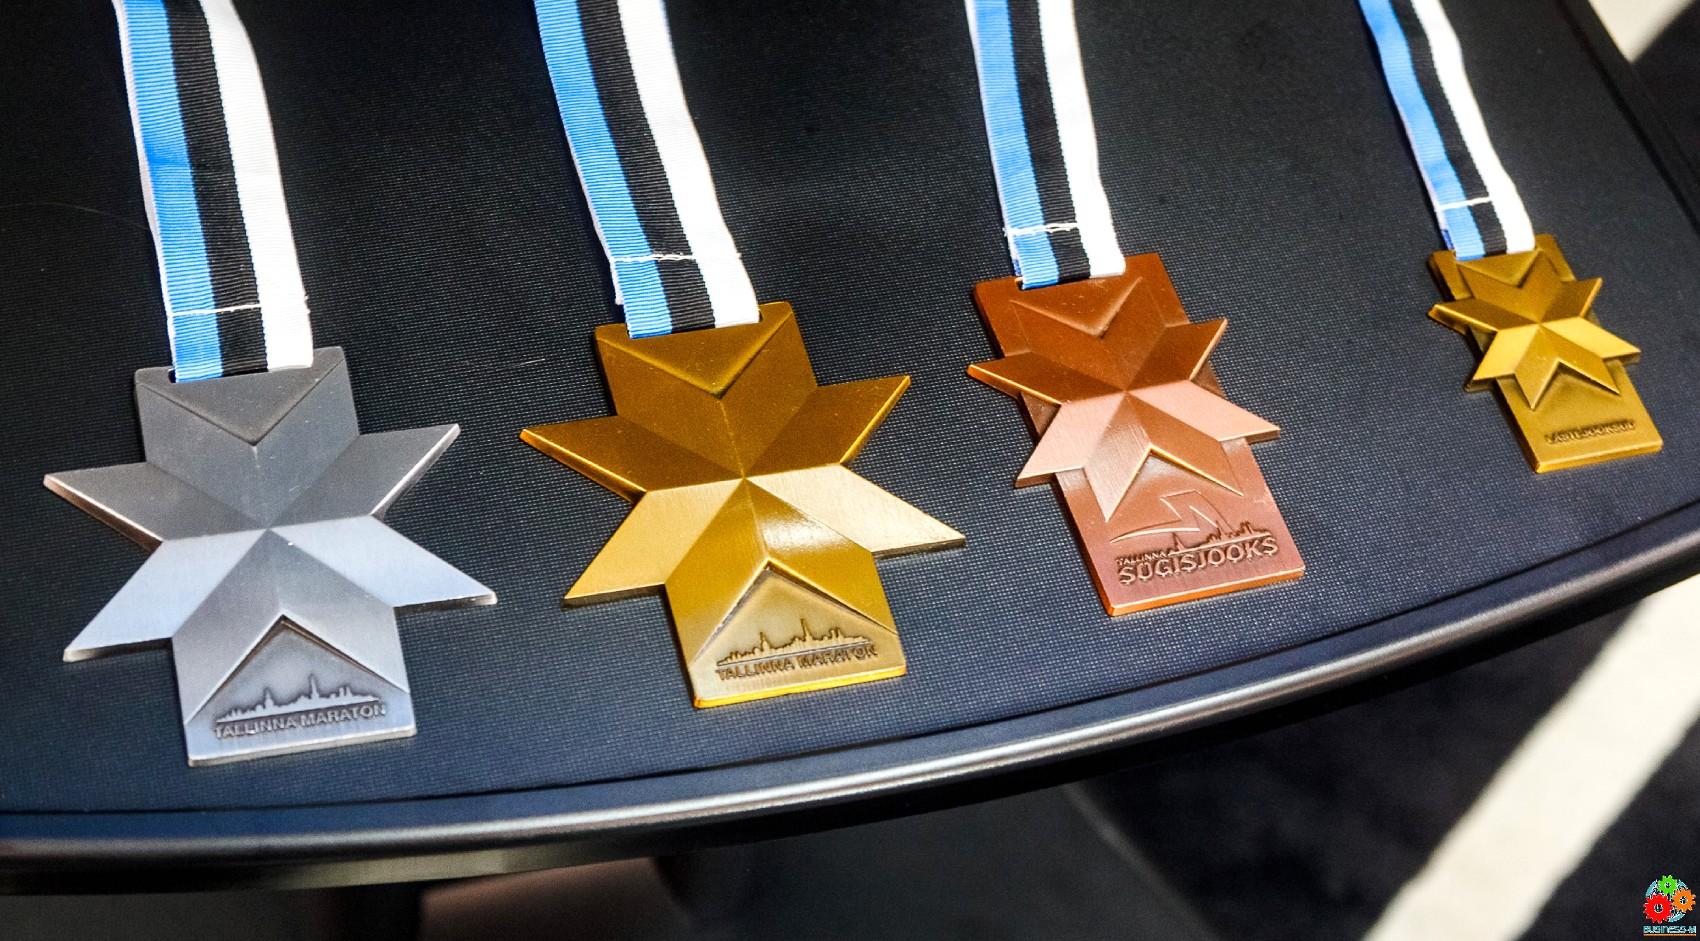 В Таллинн за медалями — в субботу состоятся марафонские забеги